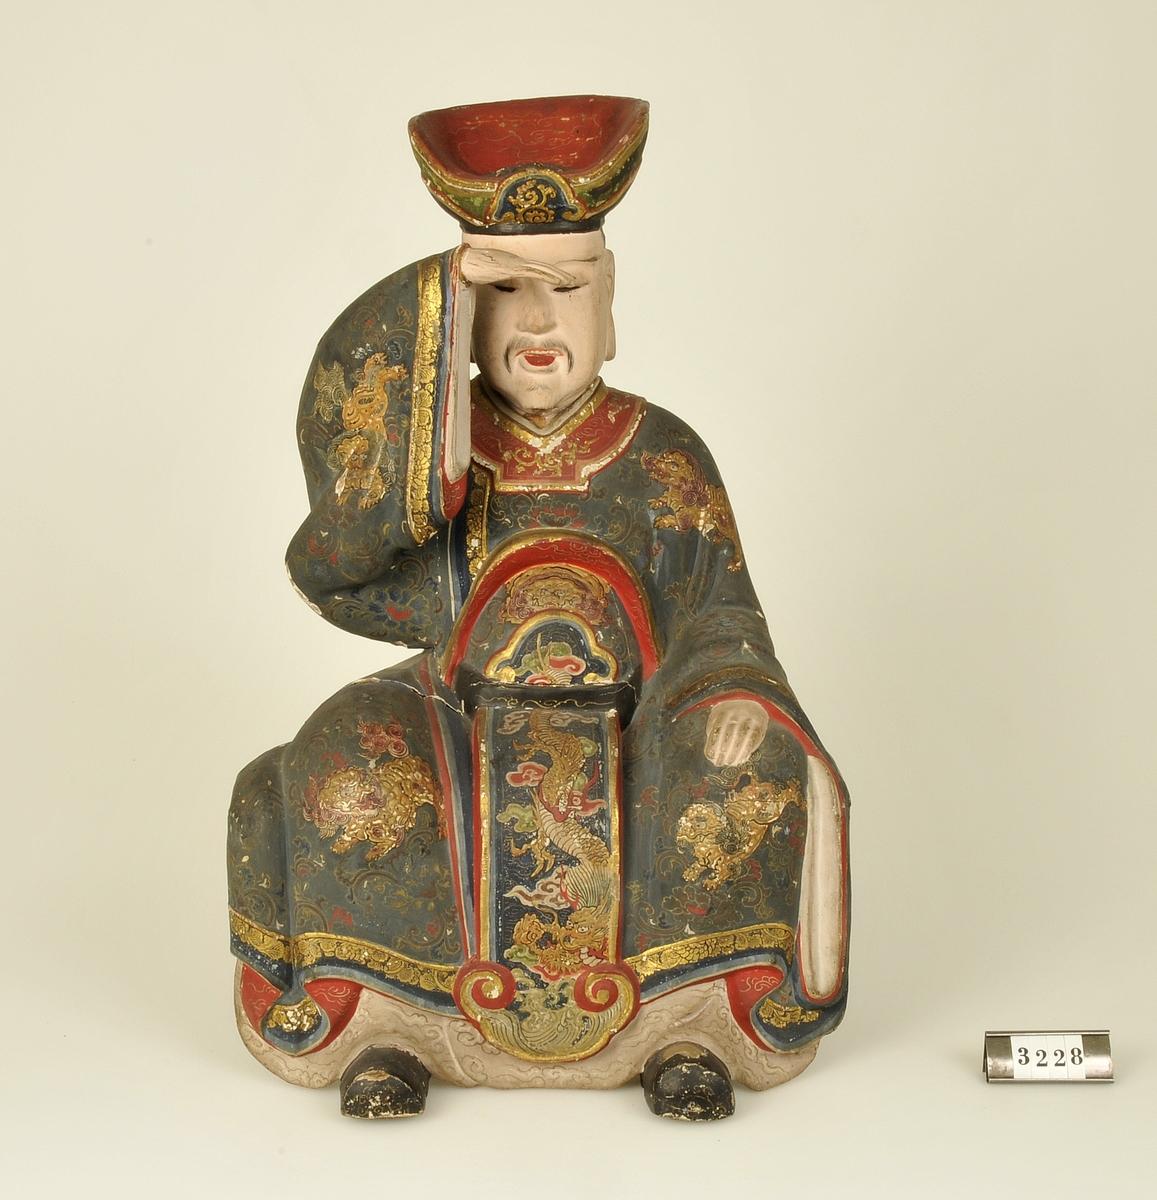 Skuren i trä. Man i sittande ställning målad i svart, guld och rött. Håller handen för ögonen.  Har tillhört de Adelsköldska samlingarna.